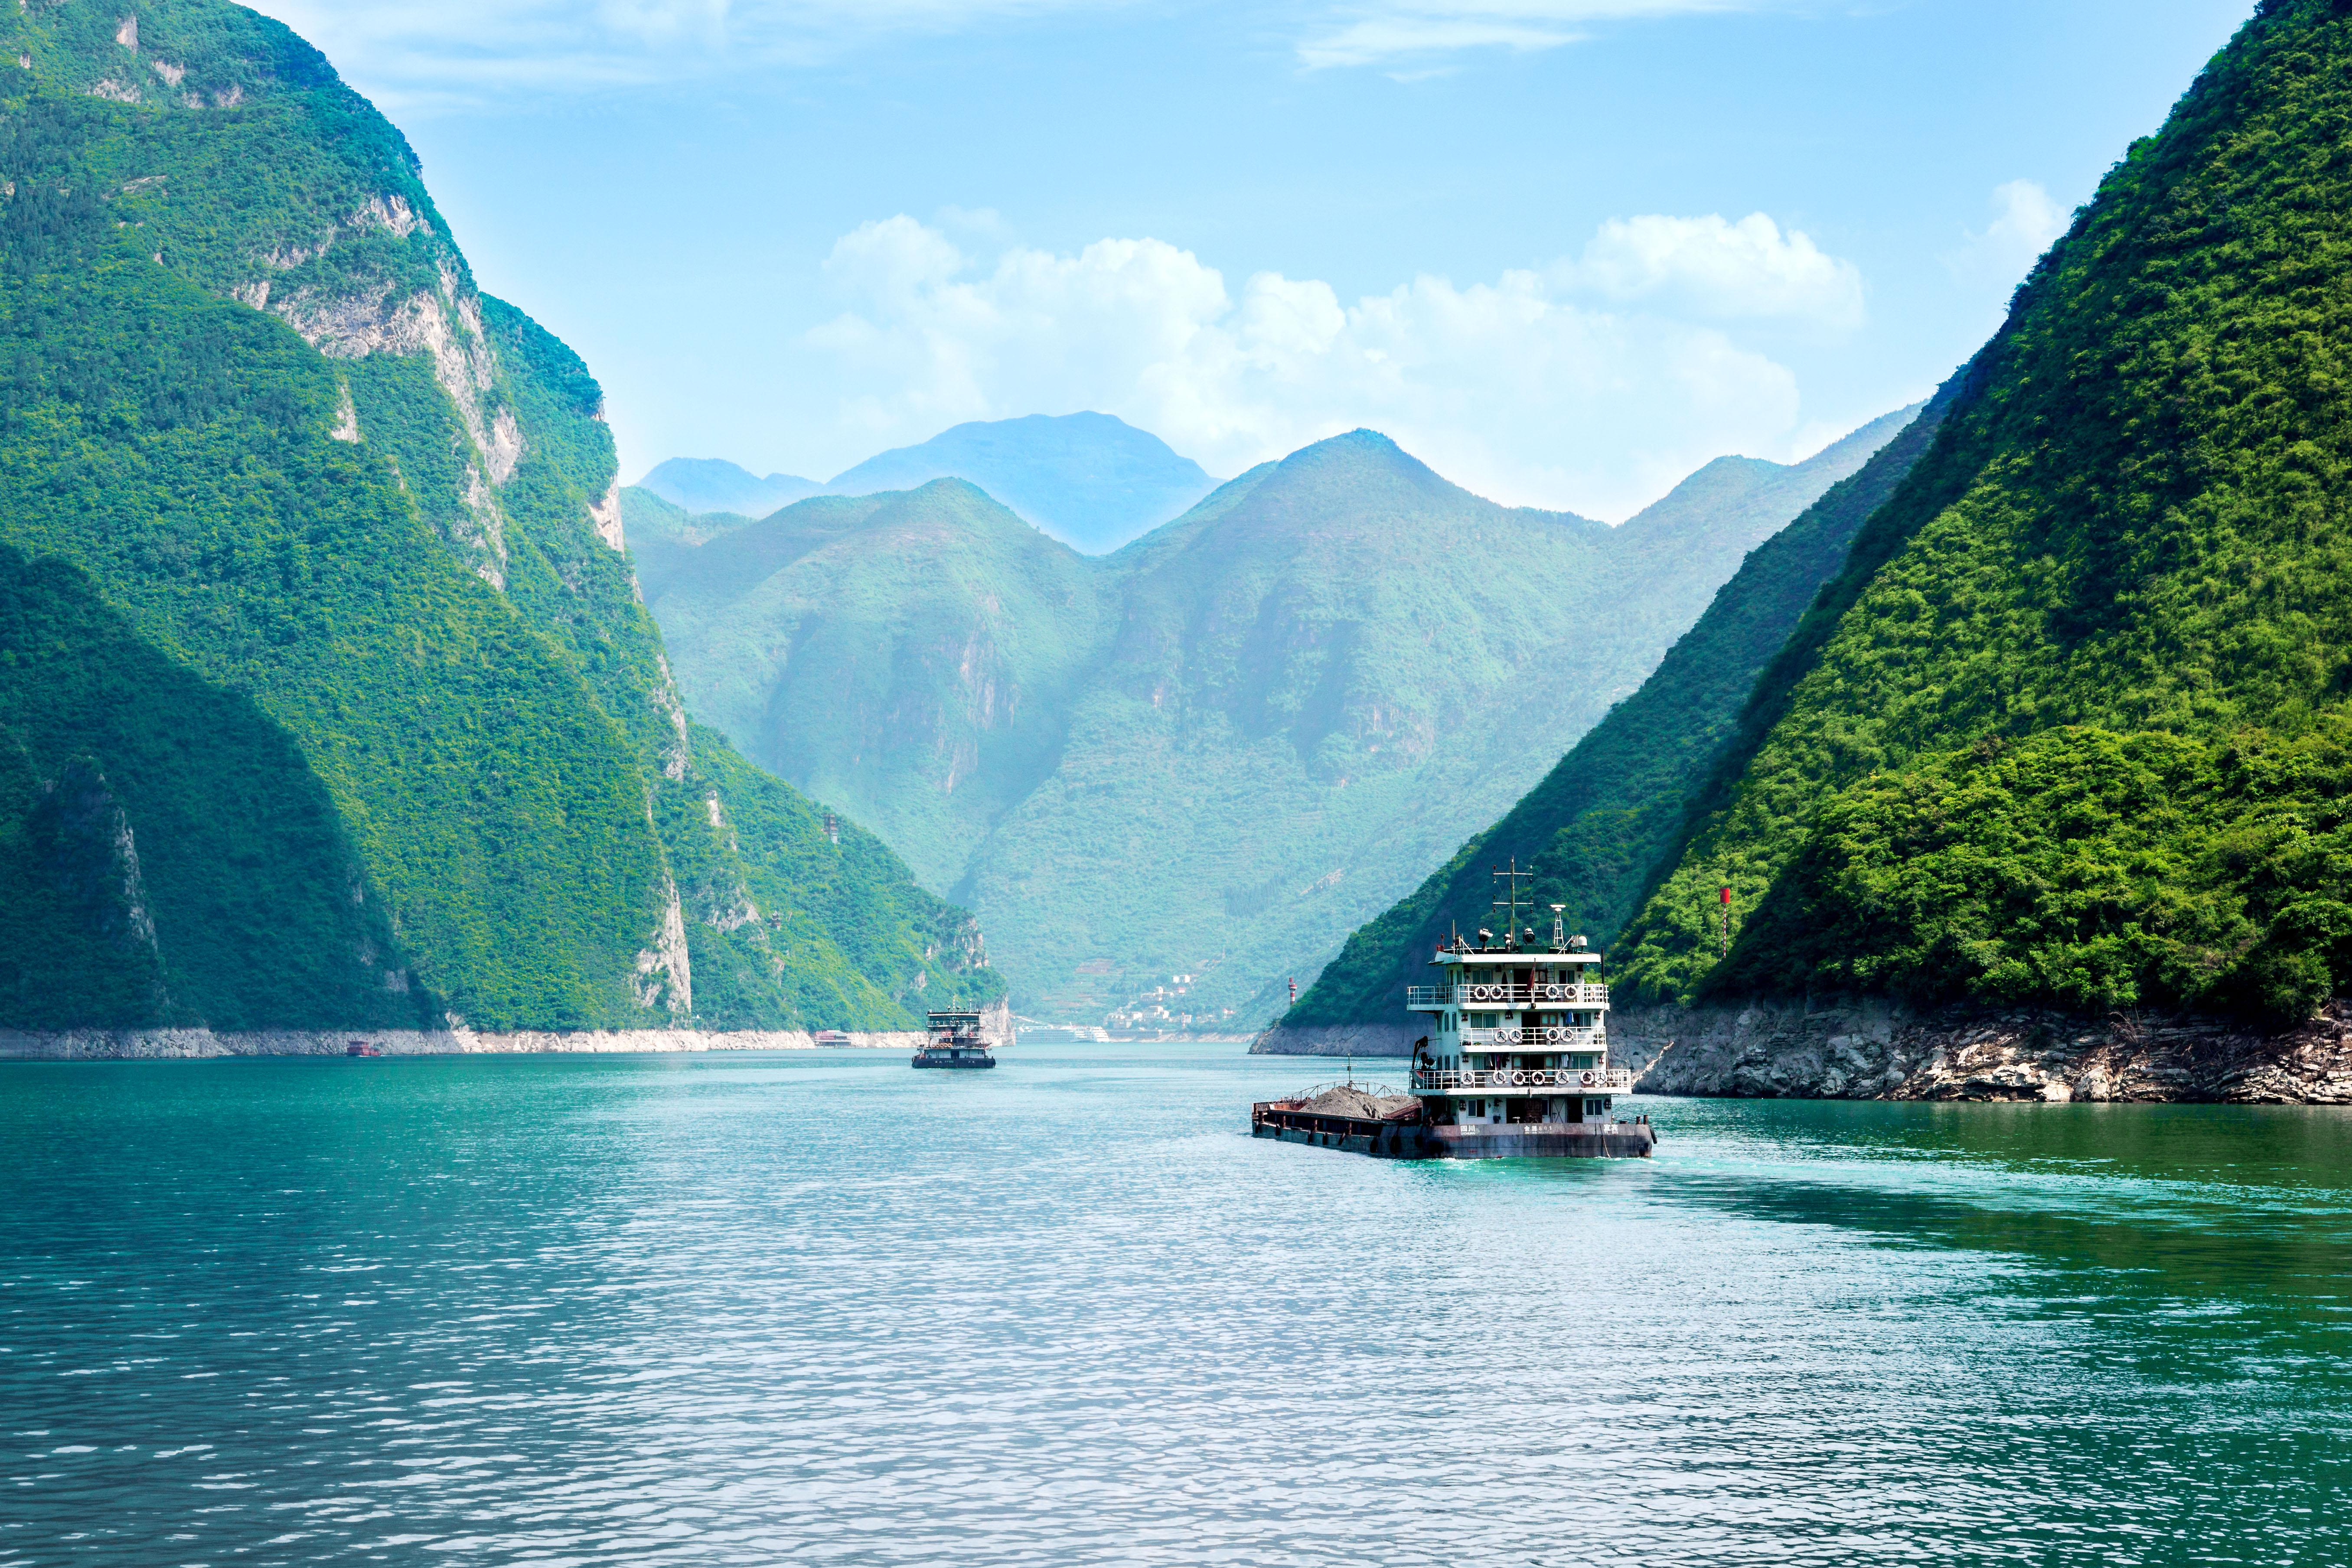 La increíble presa de las Tres Gargantas - China Gran Viaje China clásica y crucero por el río Yangtze